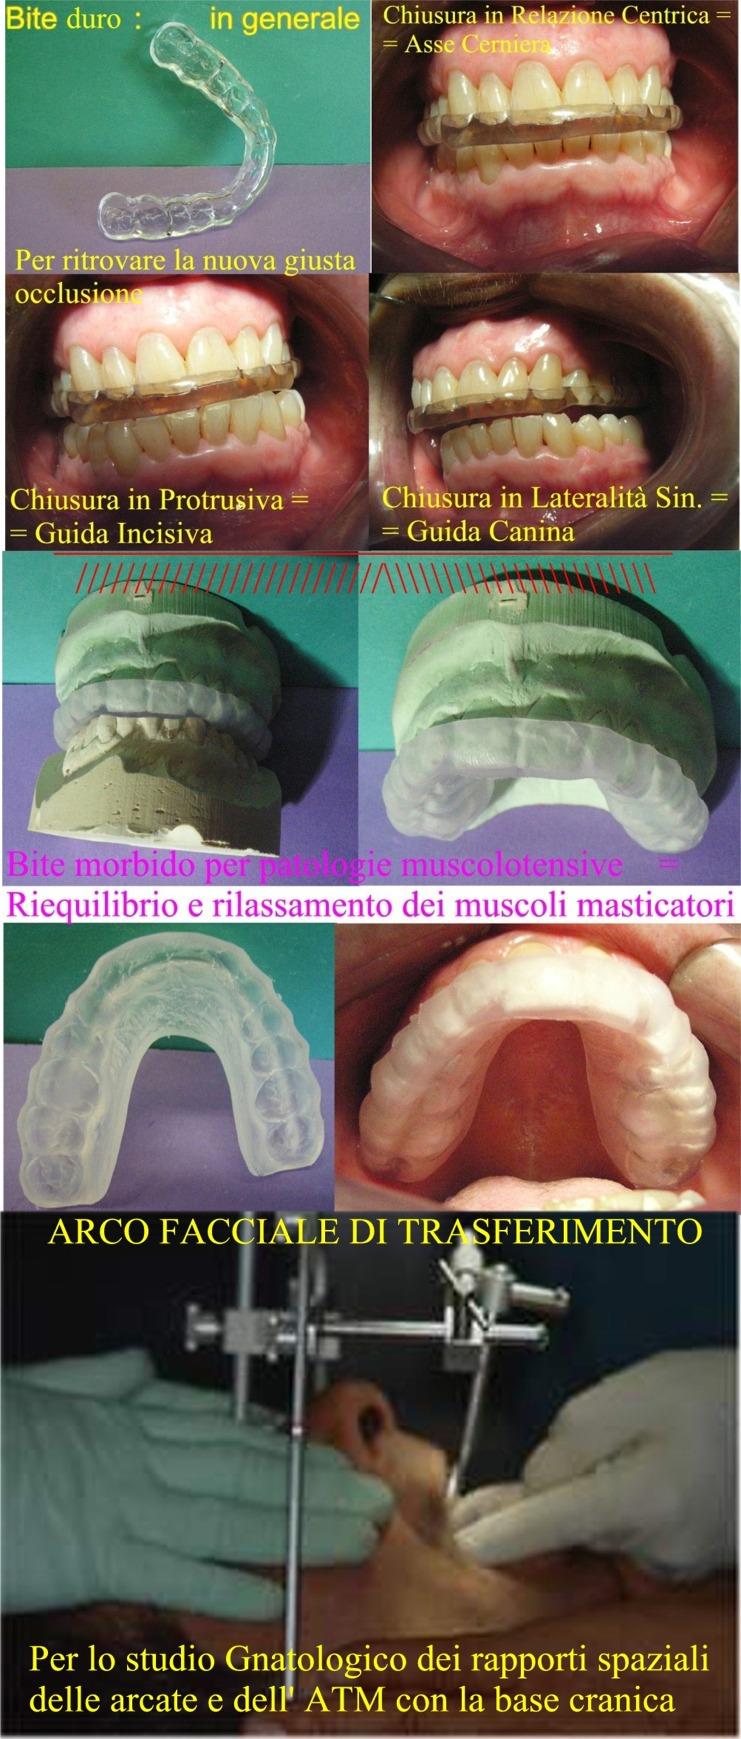 Diversi tipi di Bite Plane e Arco facciale di trasferimento per lo studio Gnatologico. Da casistica del Dr. Gustavo Petti Gnatologo Parodontologo di Cagliari